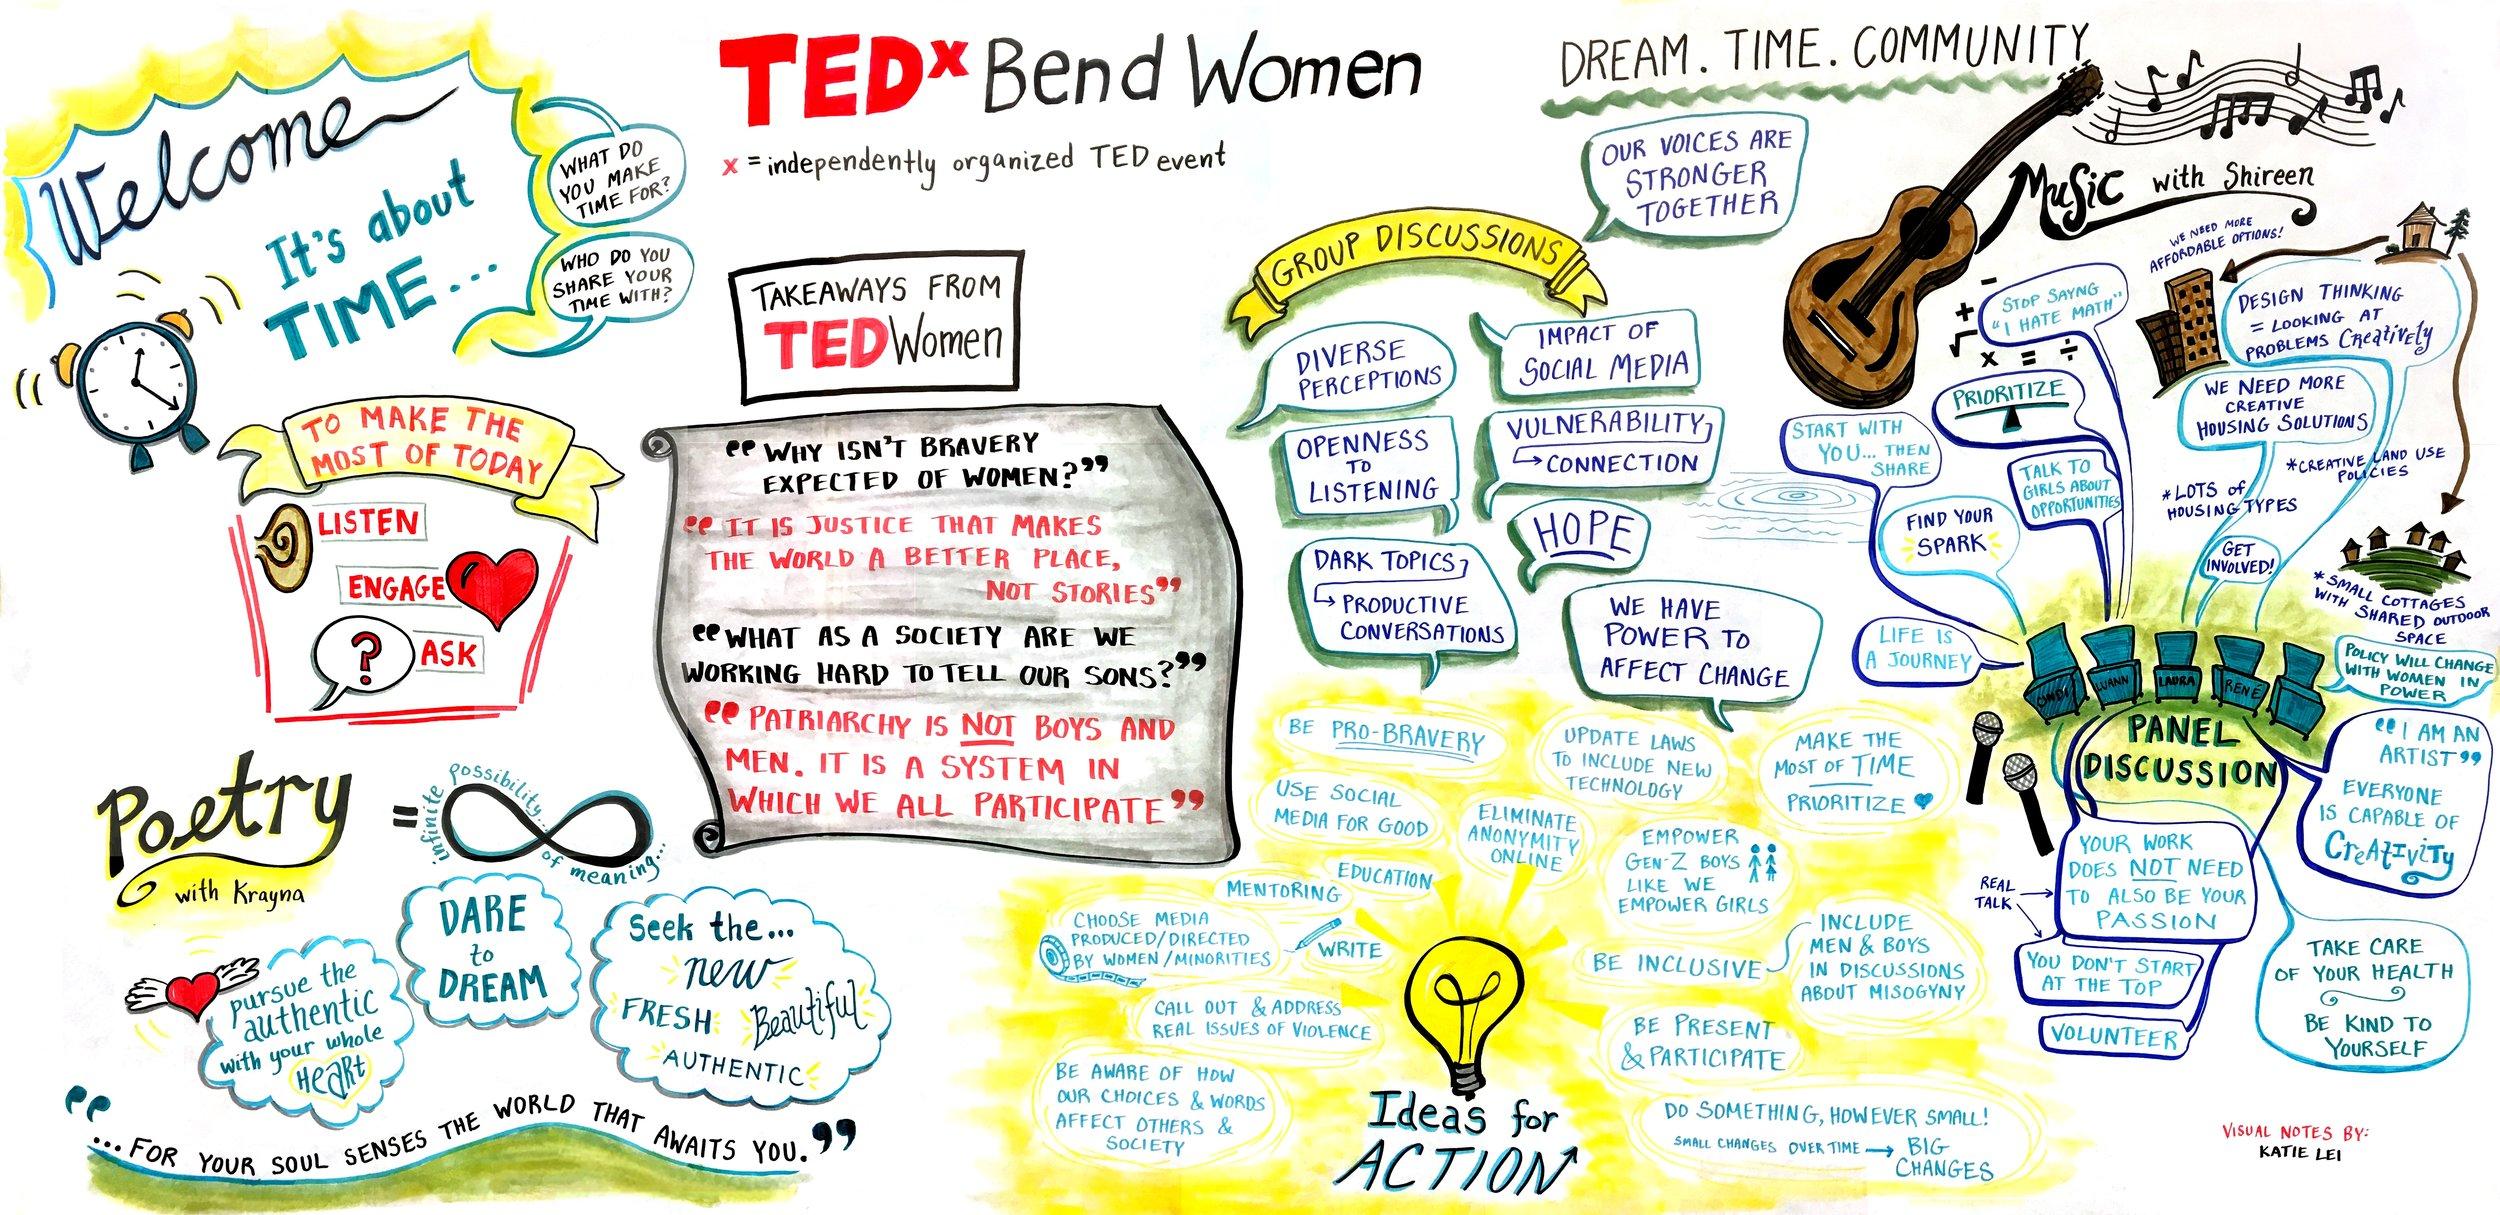 2016* TEDxBendWomen copy.jpg